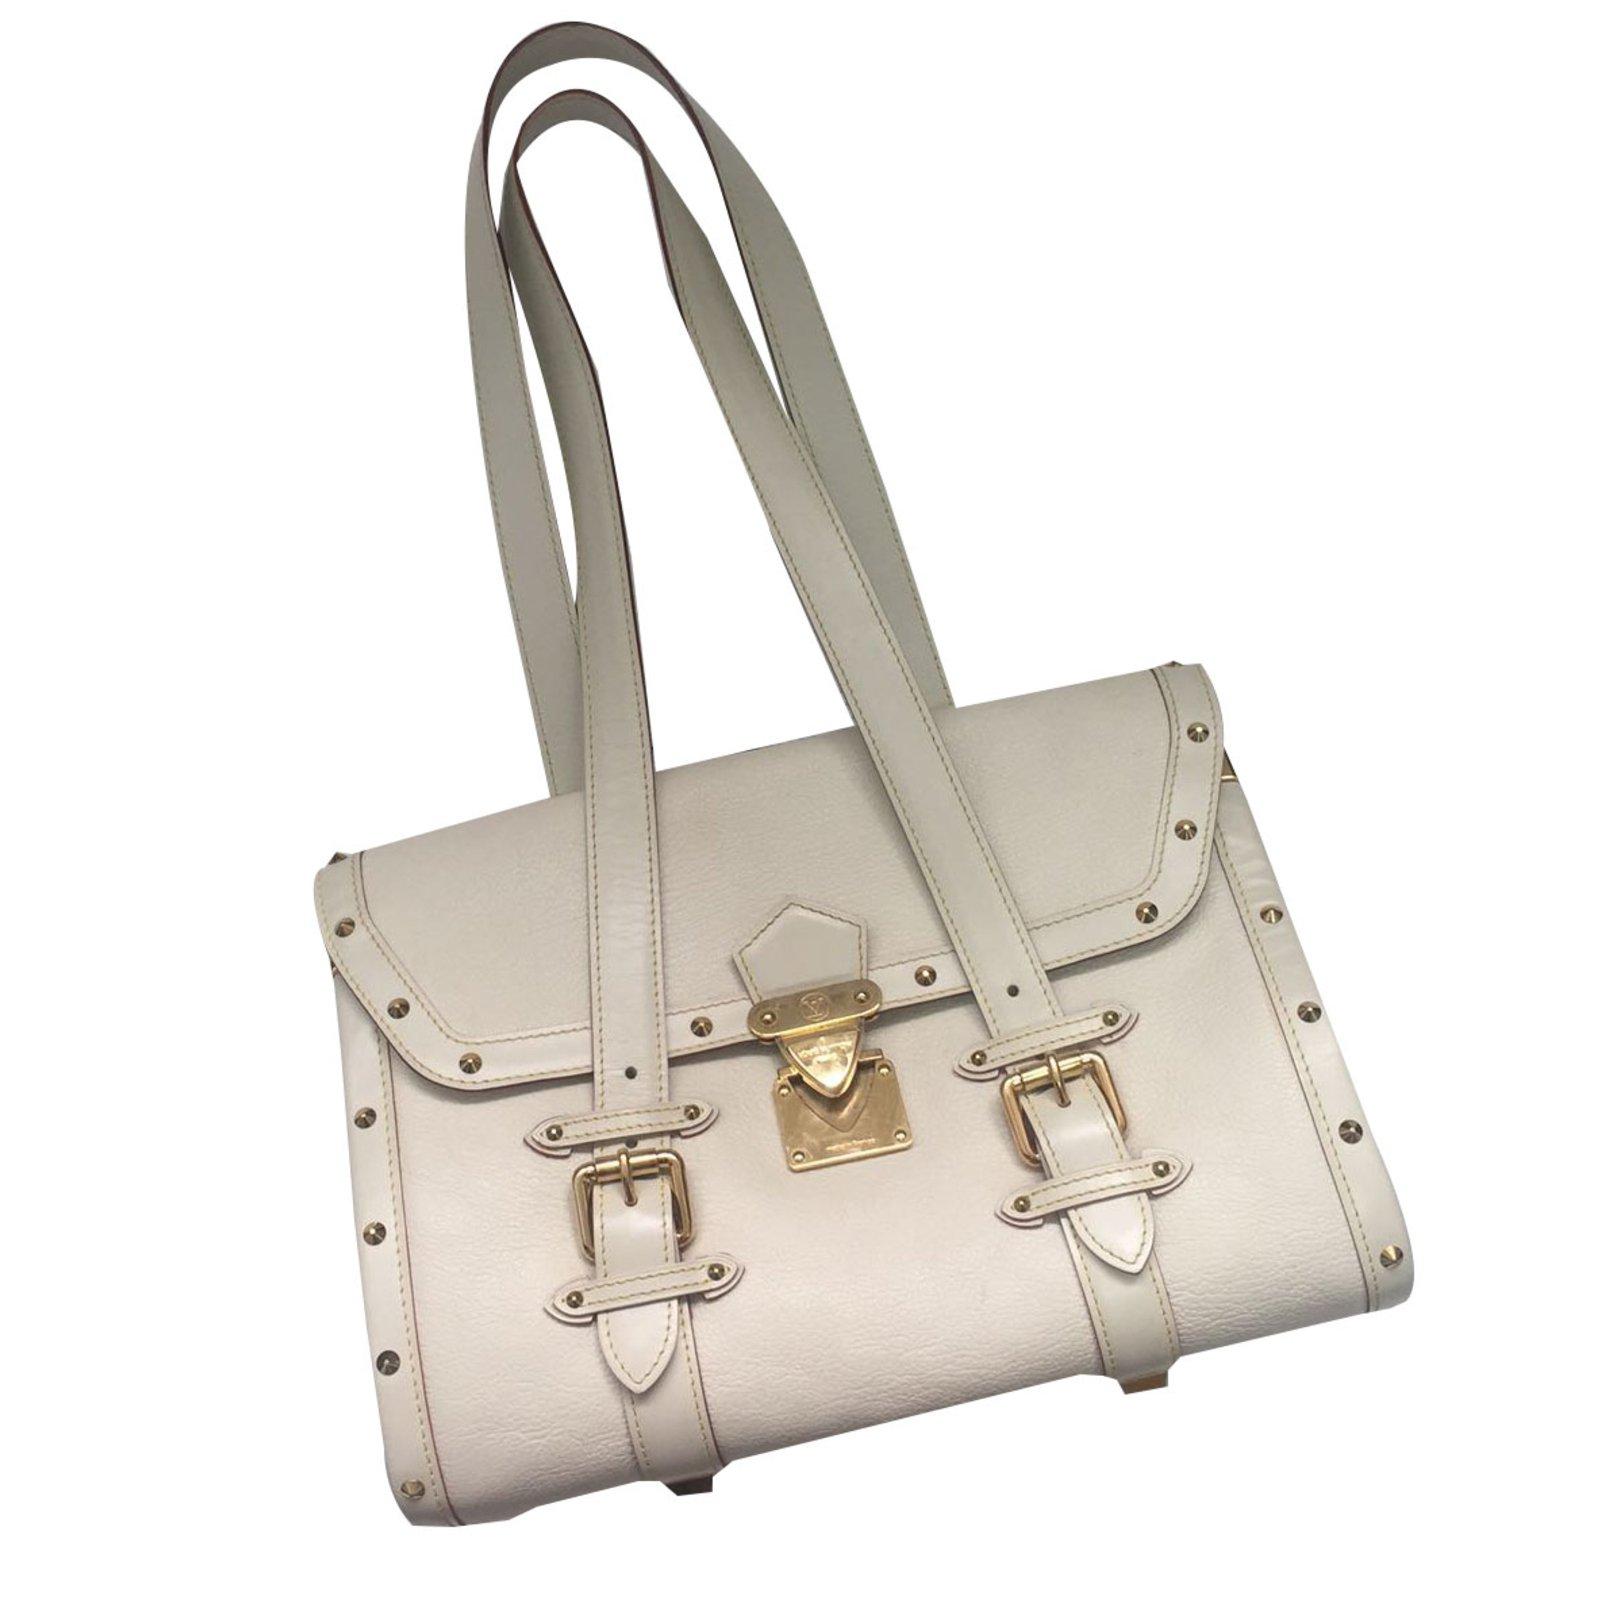 Sac A Main Blanc Louis Vuitton : Sacs ? main louis vuitton sac cuir blanc ref